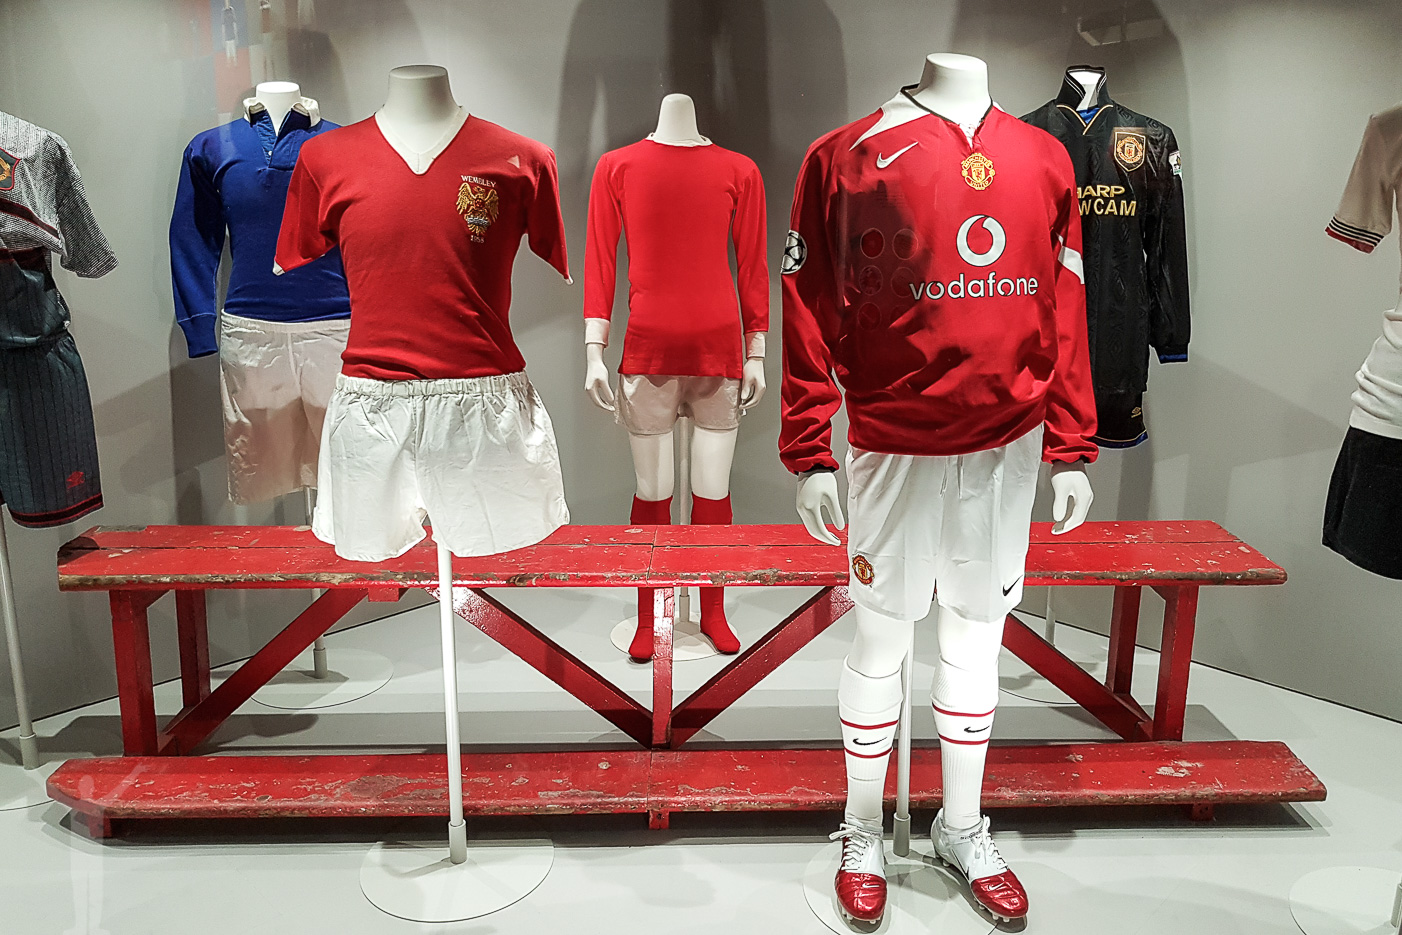 Manchester United - Stadium and museum tour